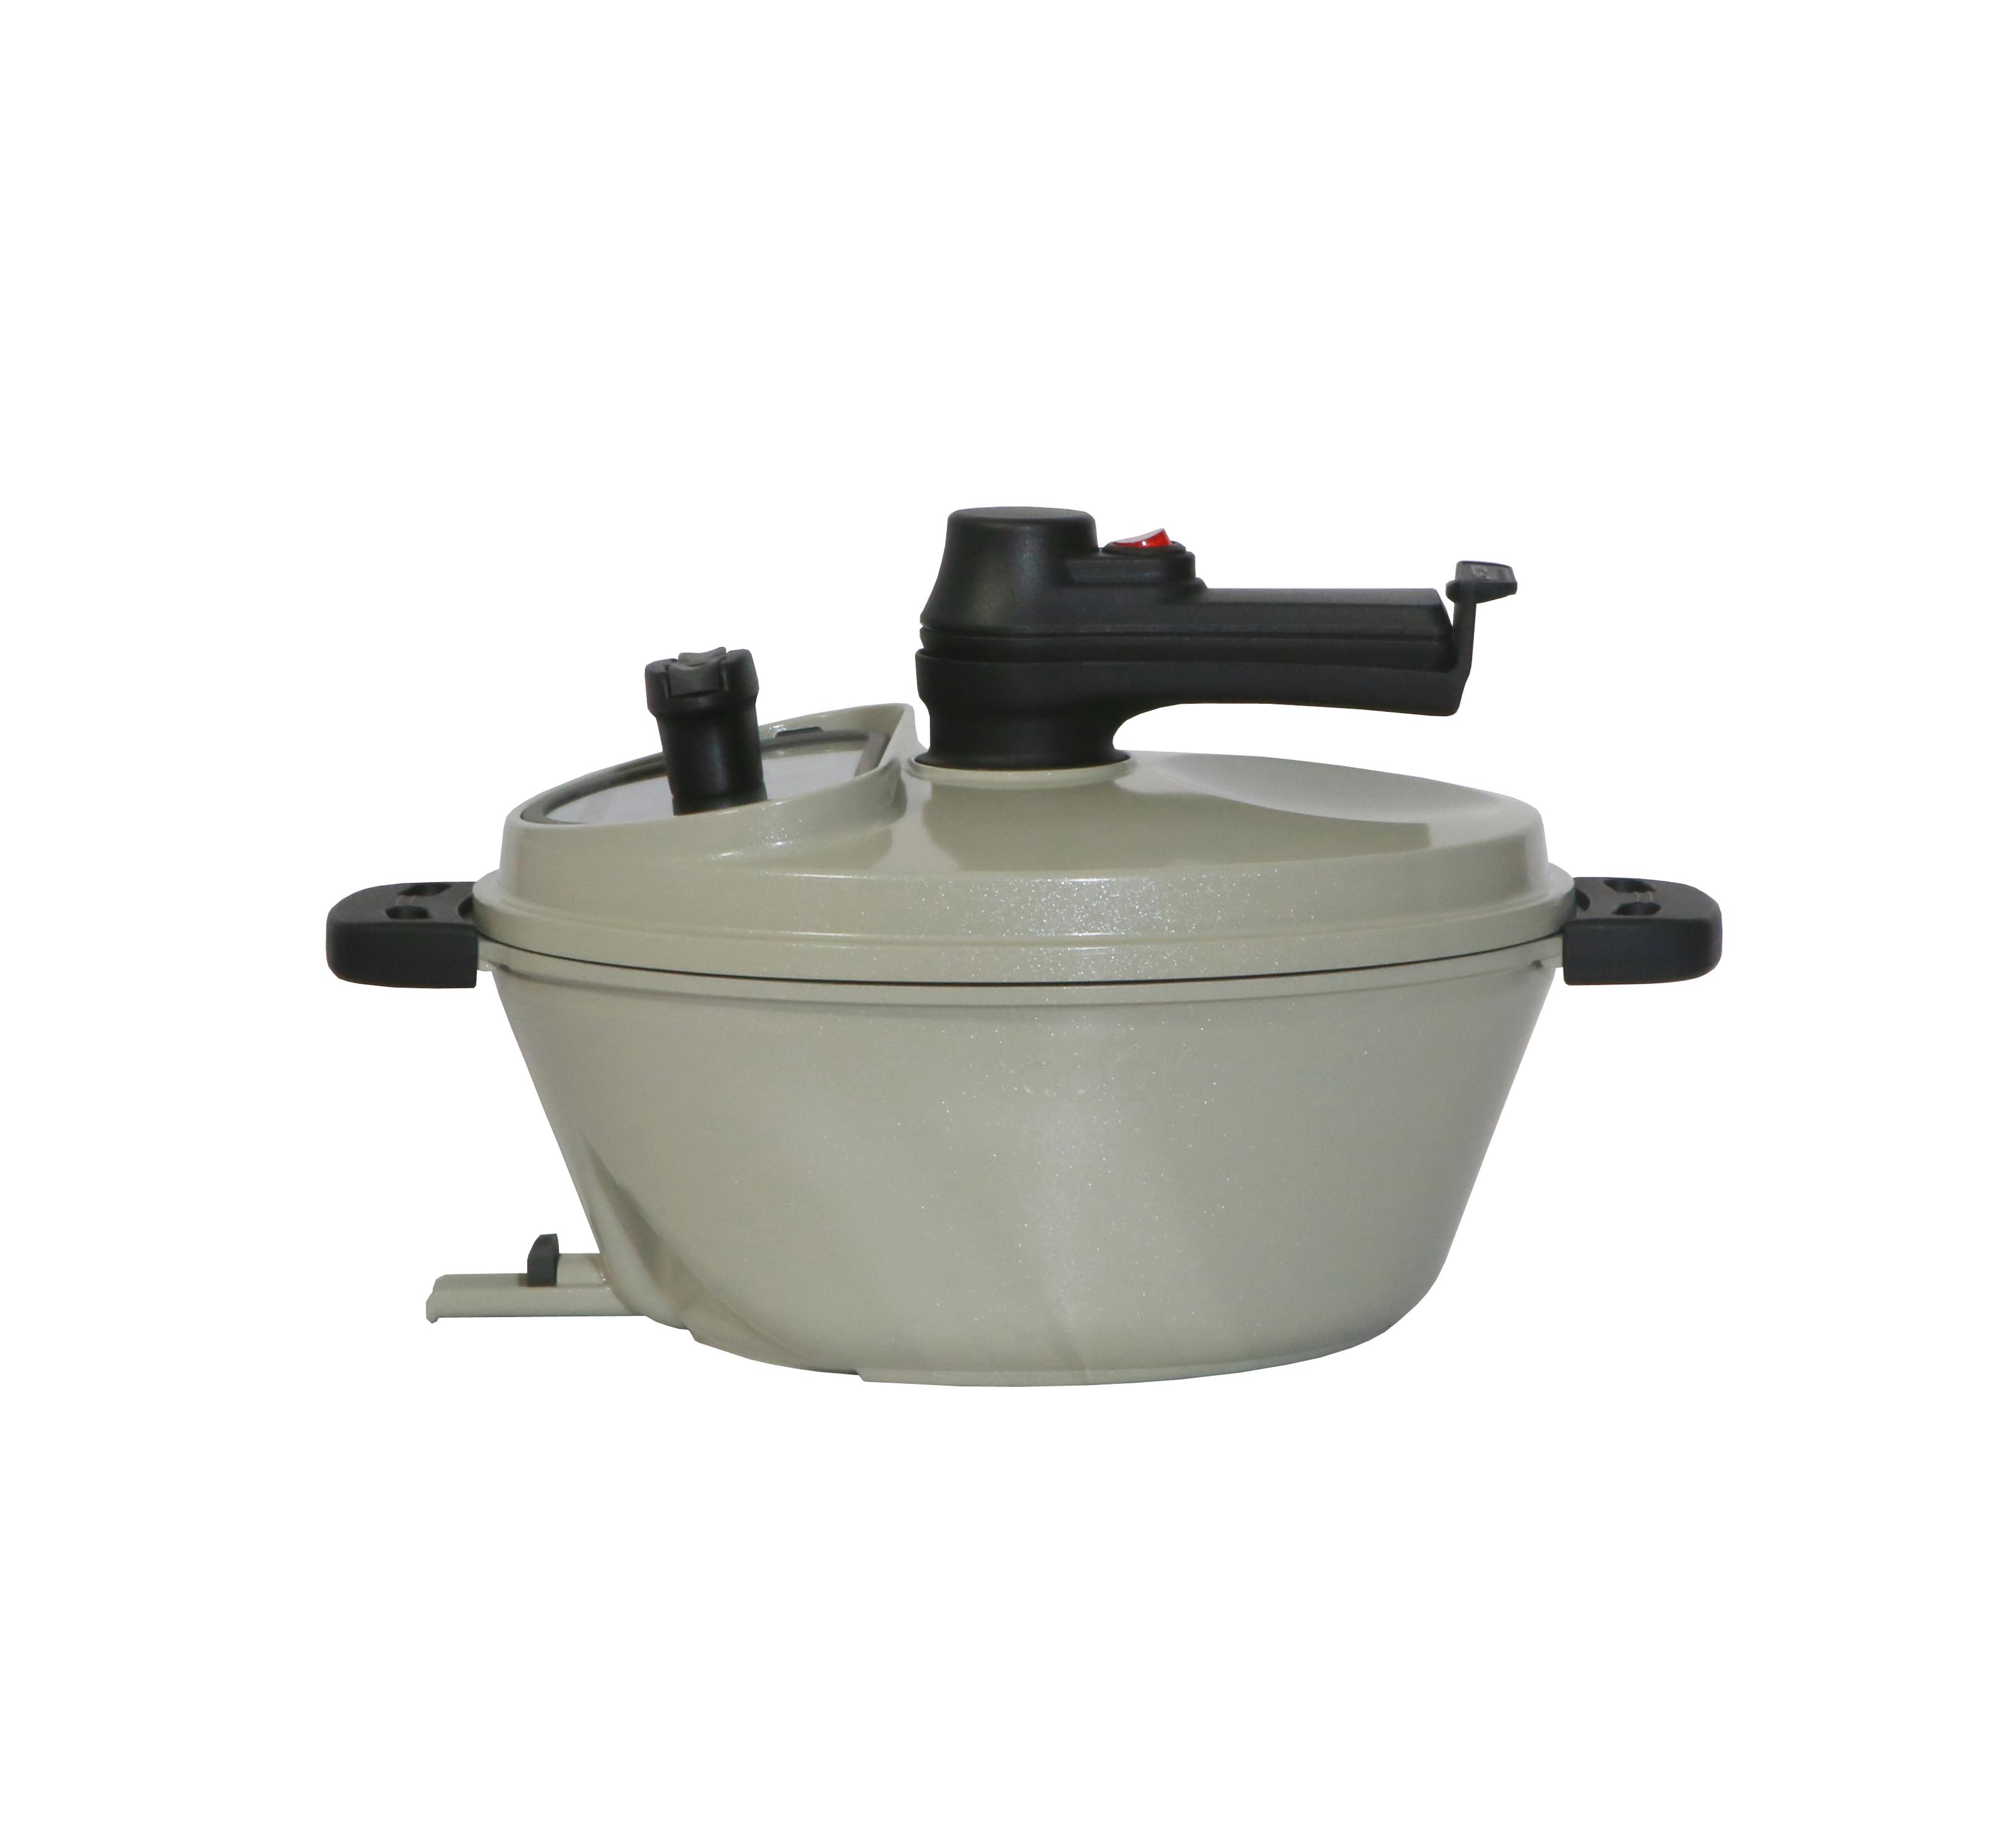 램프쿡 일립스 자동요리기 + 뚜껑 실리콘패킹, 1세트, 372 x 258 x 218 mm